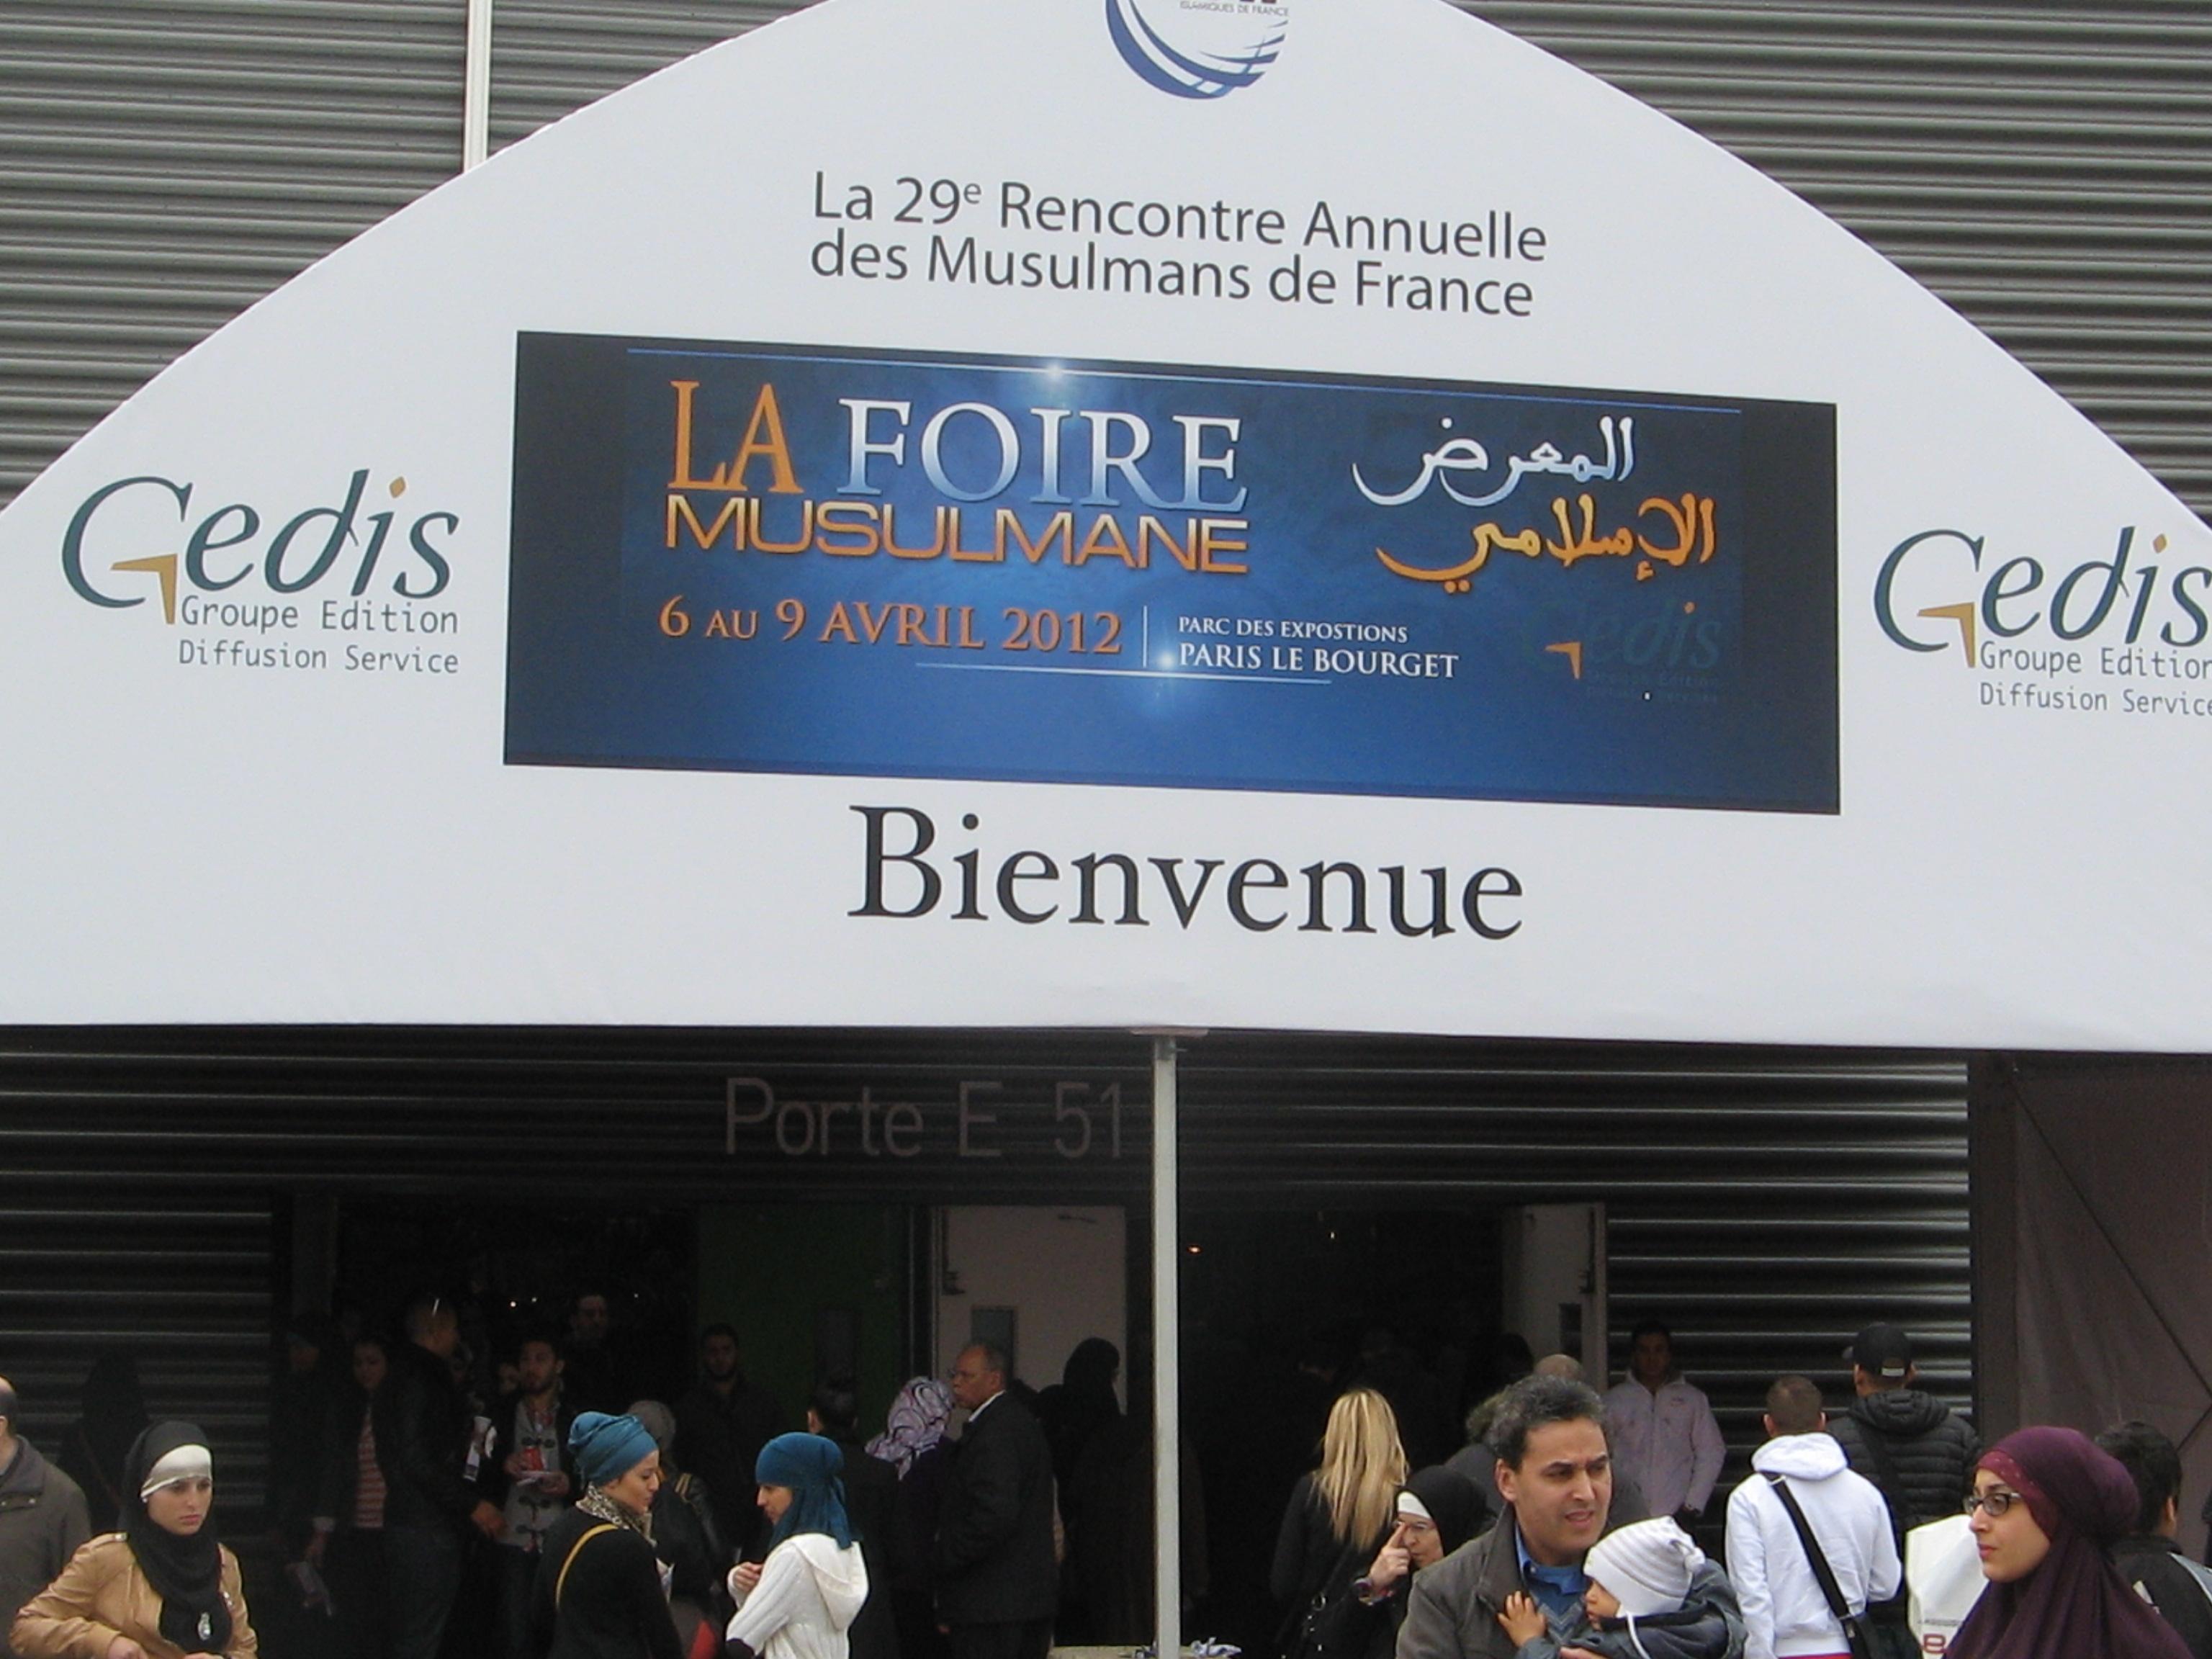 30eme rencontre annuelle des musulmans de france au bourget